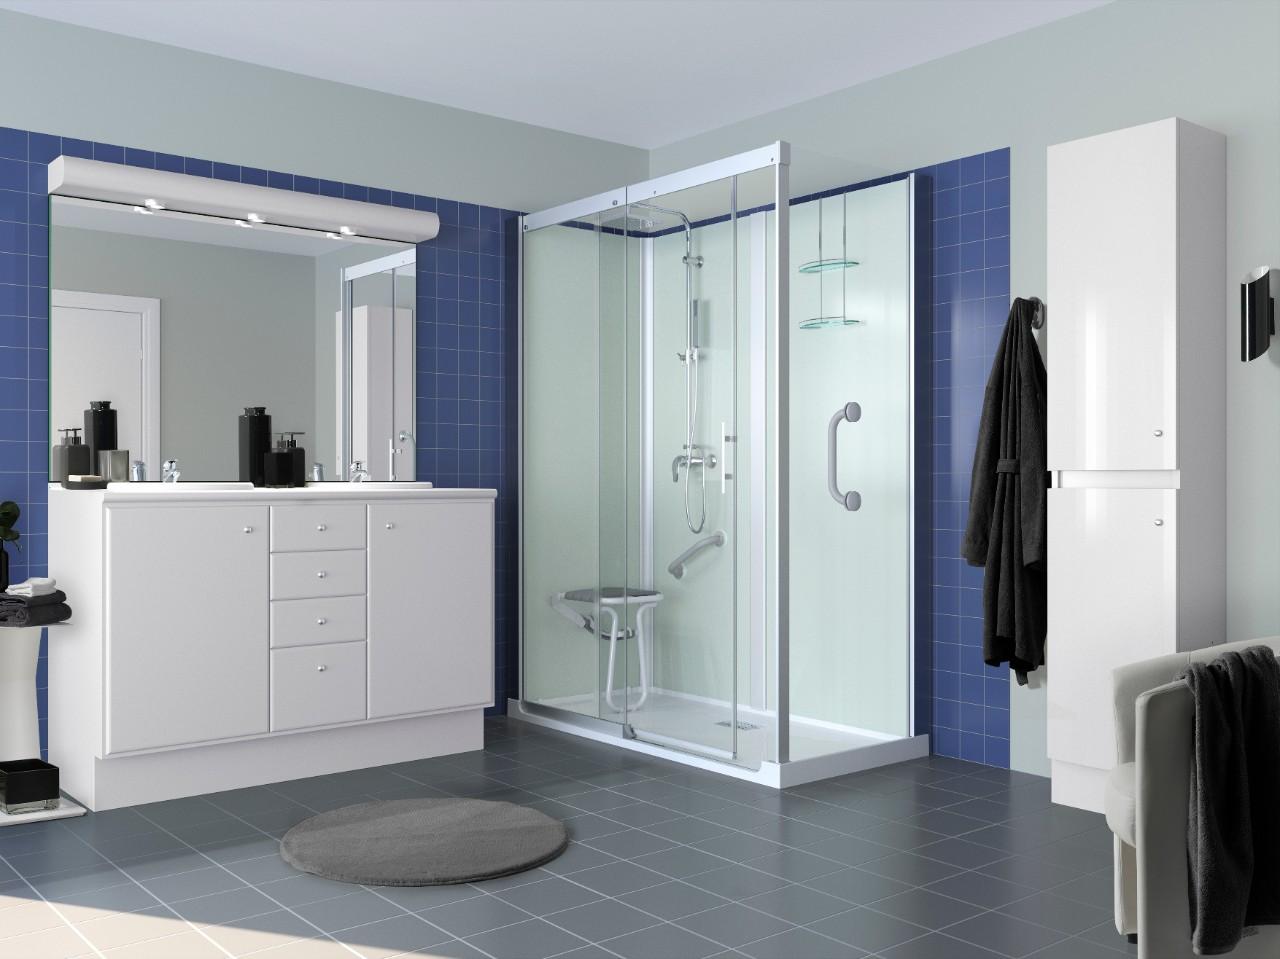 ... douche… in één dag! Zonder ingrijpende verbouwing. Het vervangen